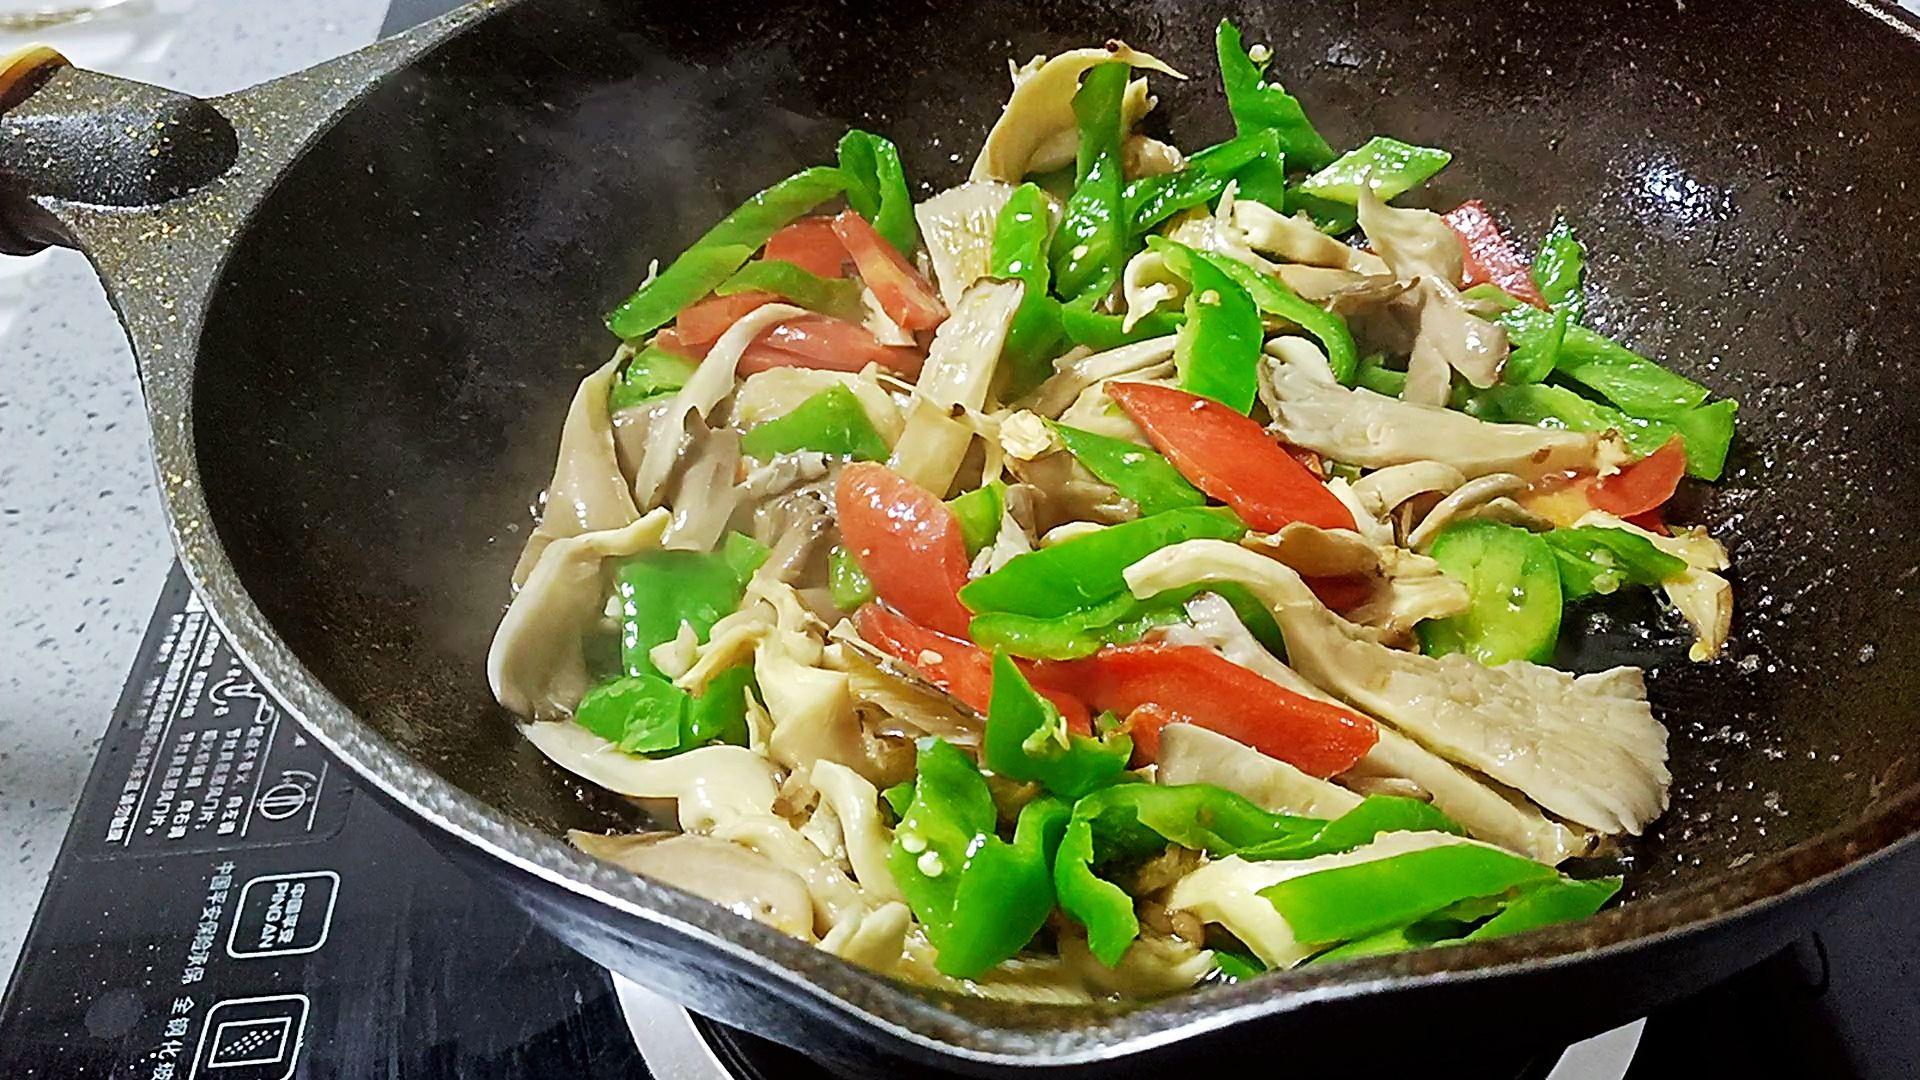 简单又好做的青椒炒平菇,比肉还好吃的步骤